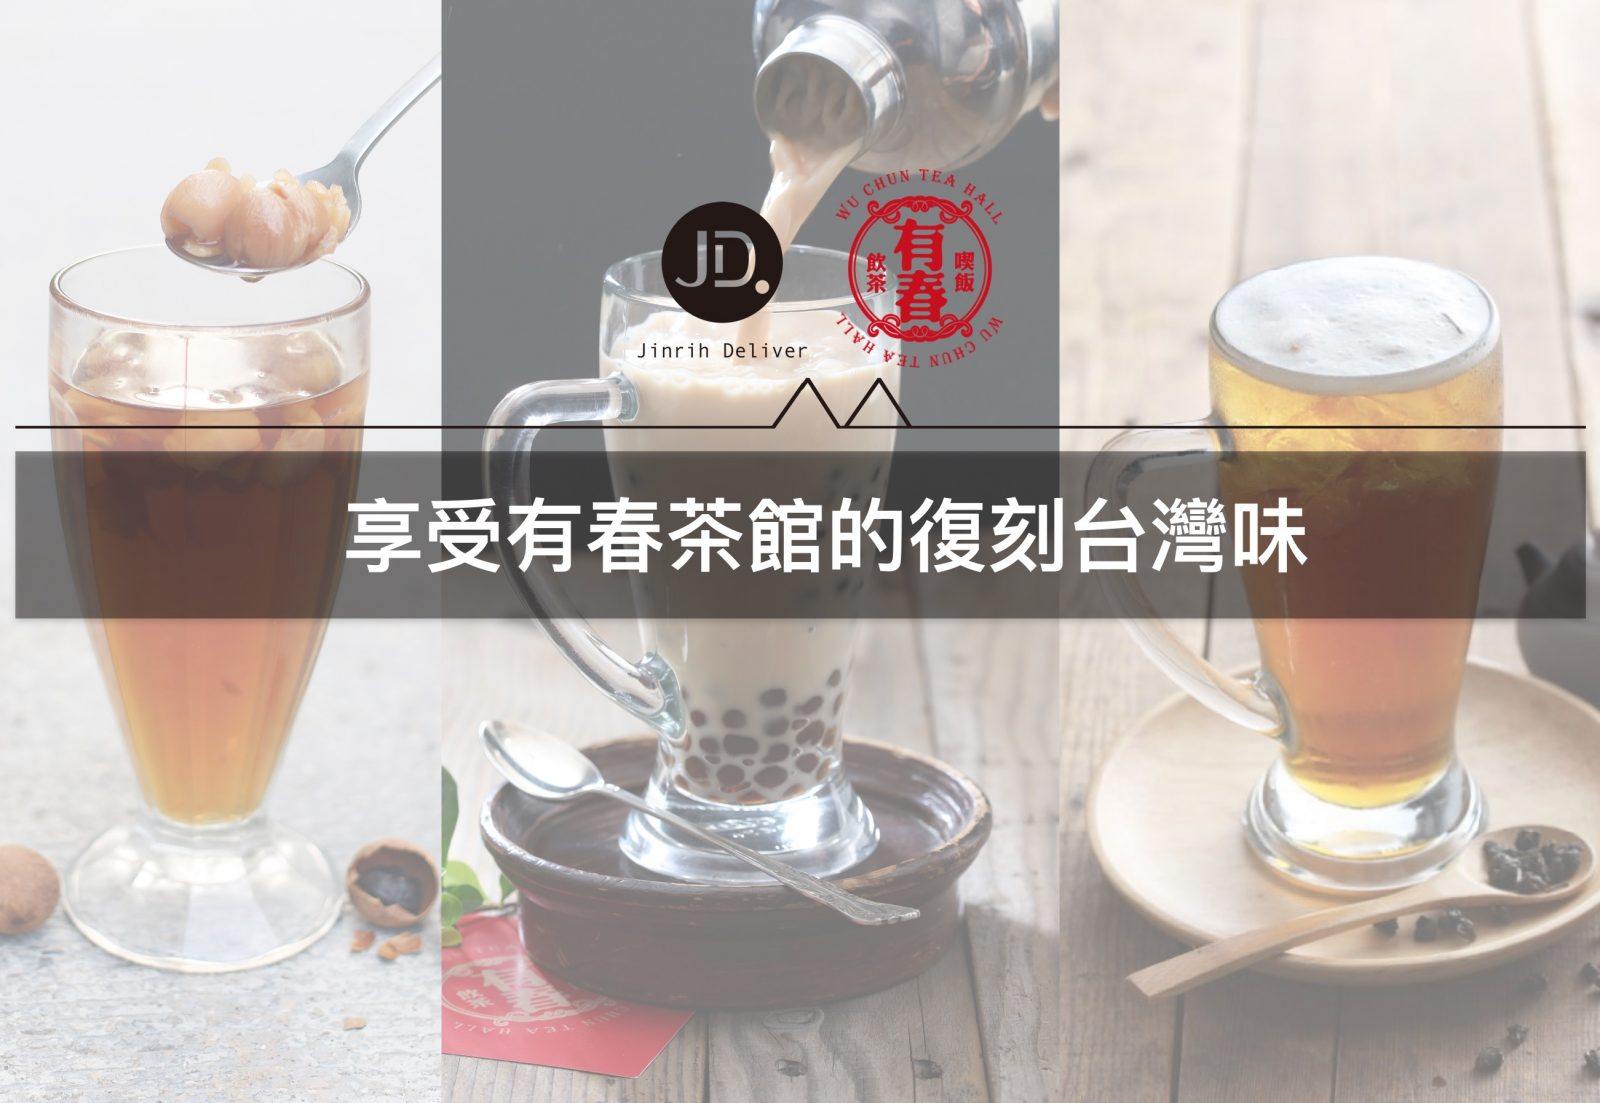 台中火車站美食精選-人氣台灣古早味餐廳|有春茶館 X 全國大飯店